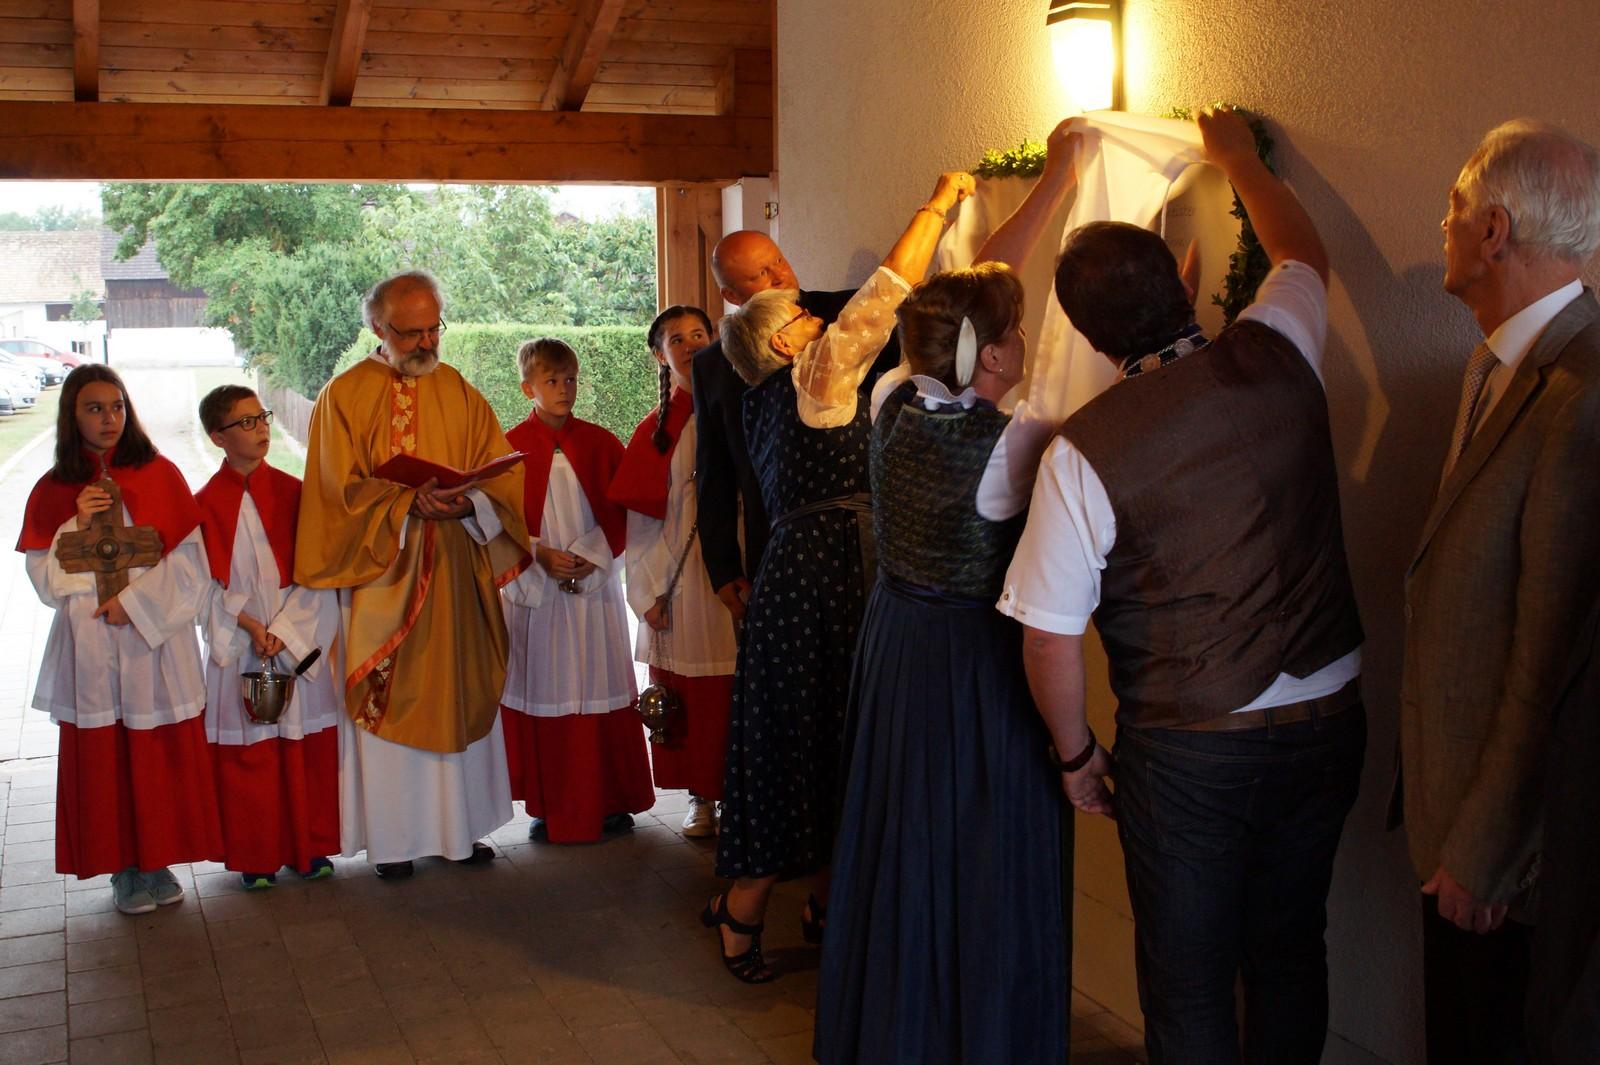 20180609-Abschluss Dorferneuerung Wölsendorf-Helferfest 15 Bierler Josef DSC02130